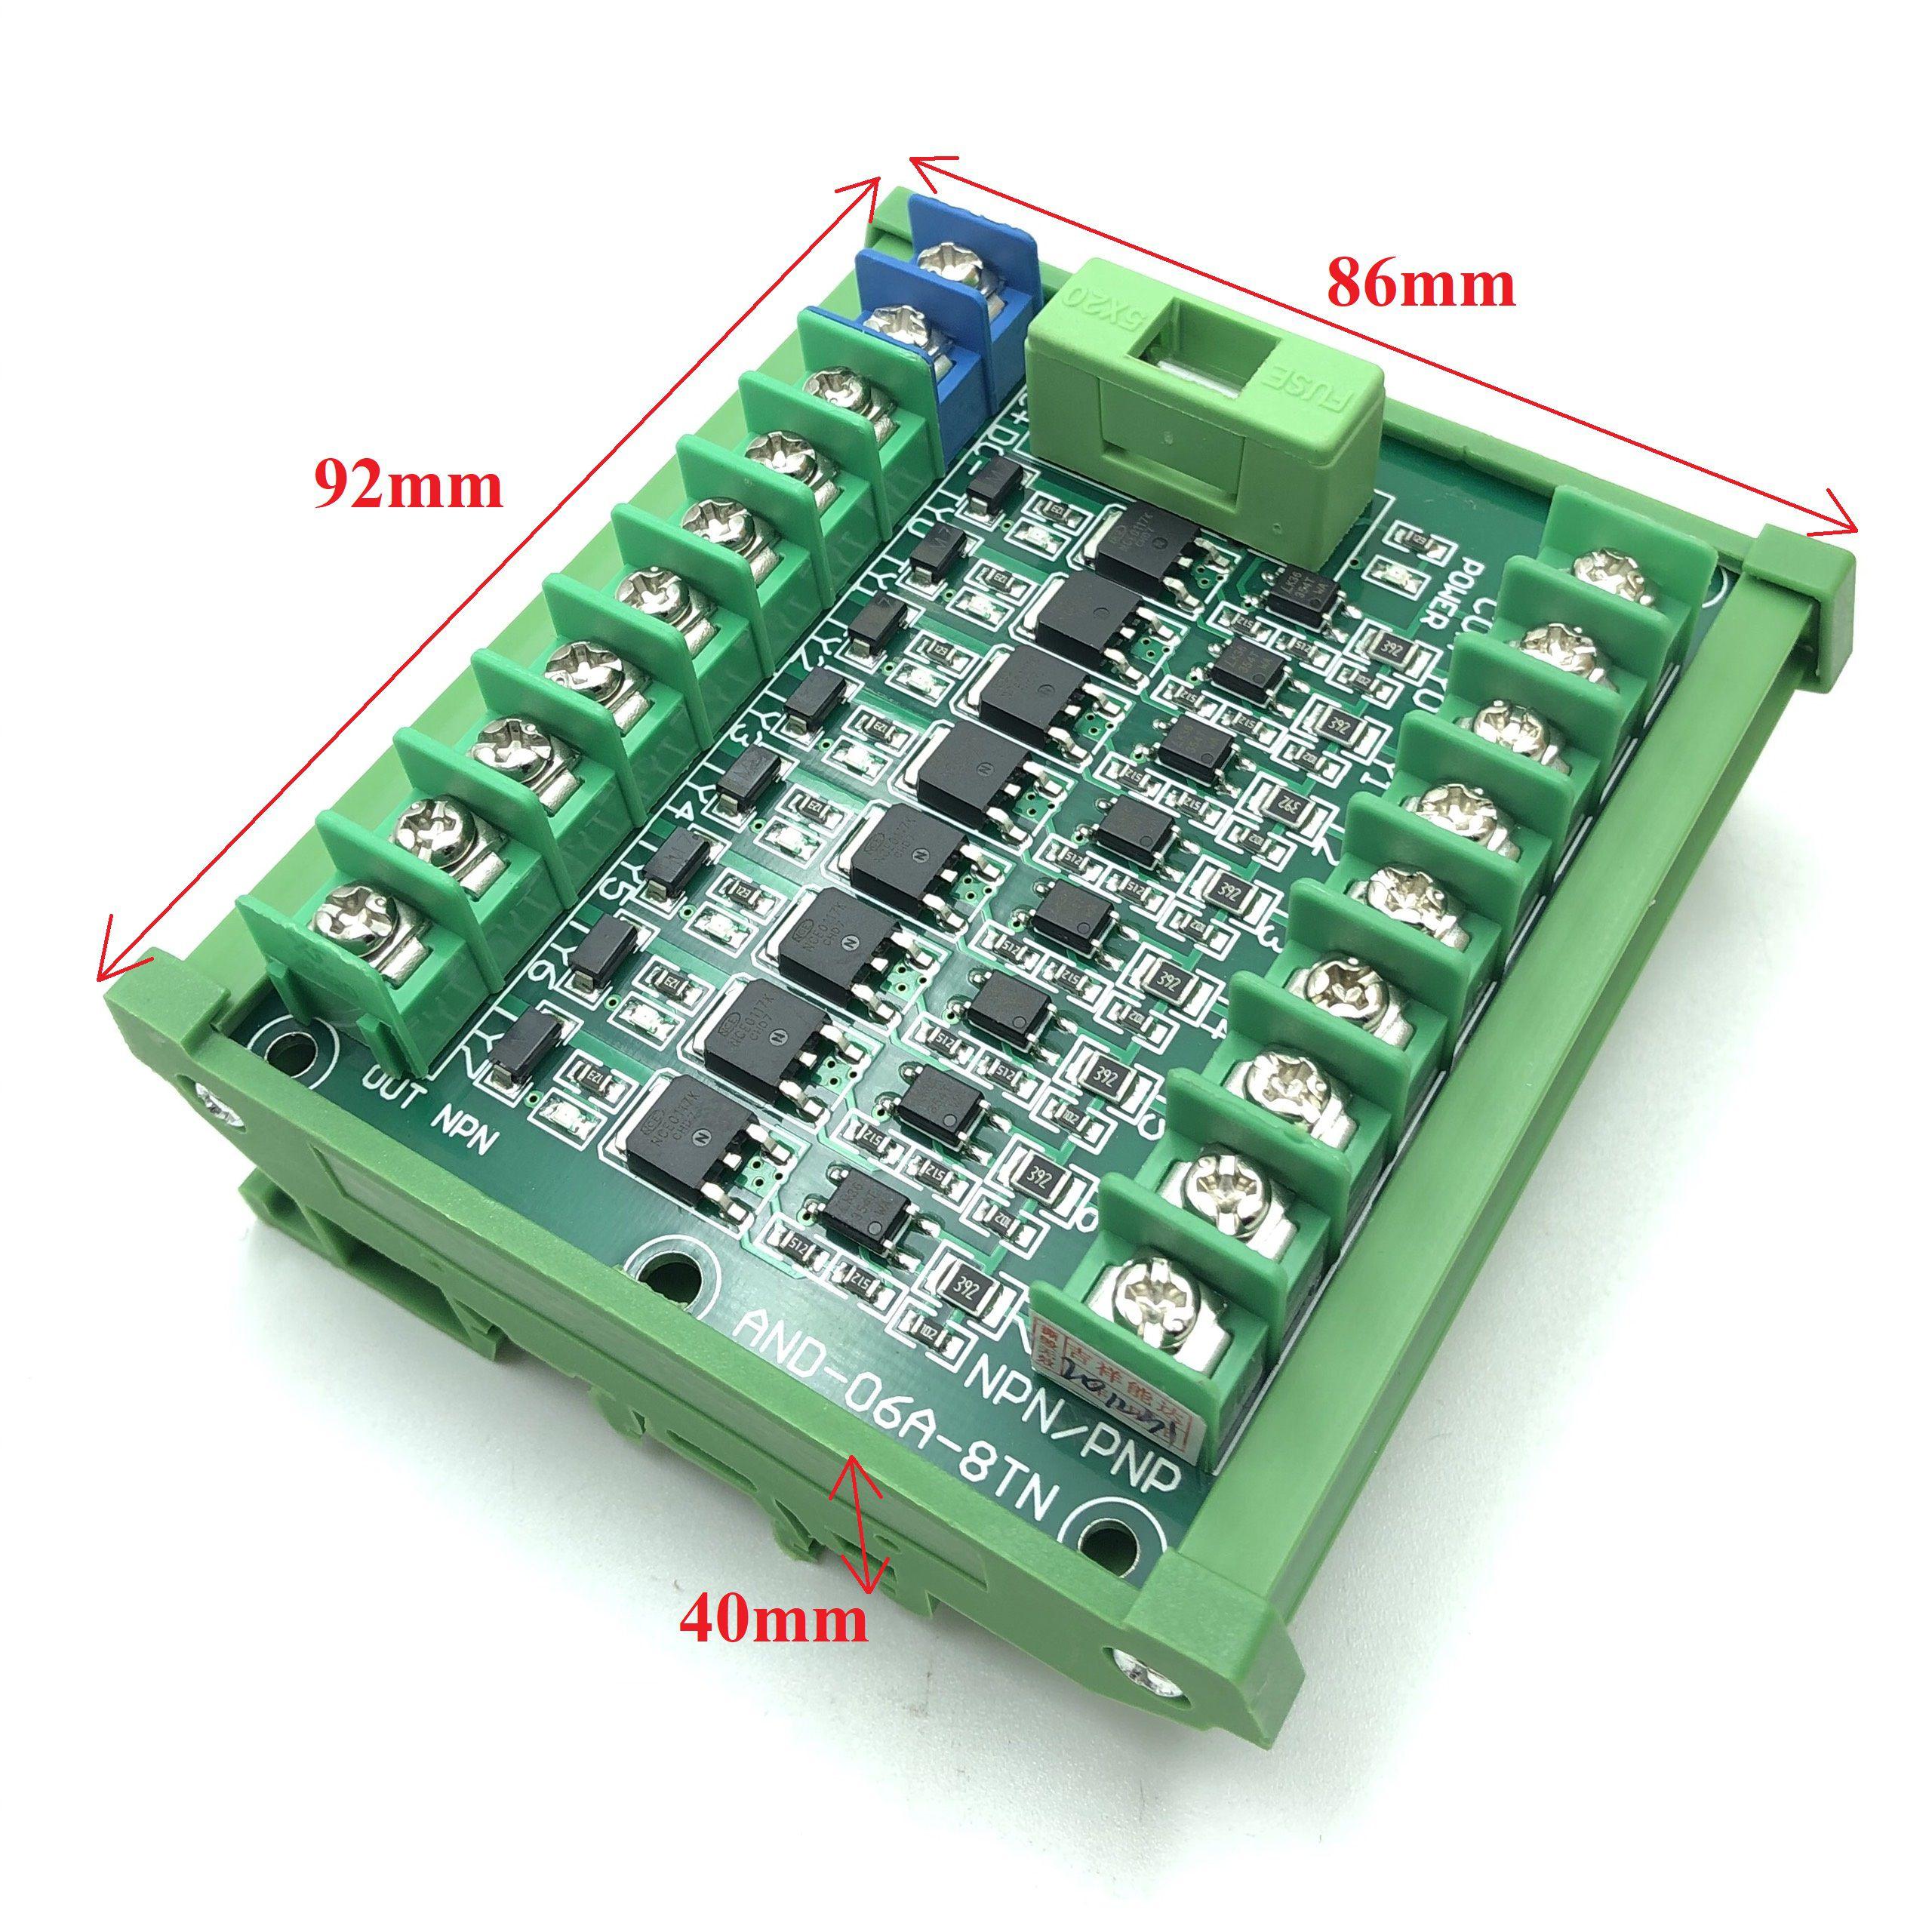 Module mosfet cách ly 8 kênh cho PLC có cài thanh ray AND-06A-8TN